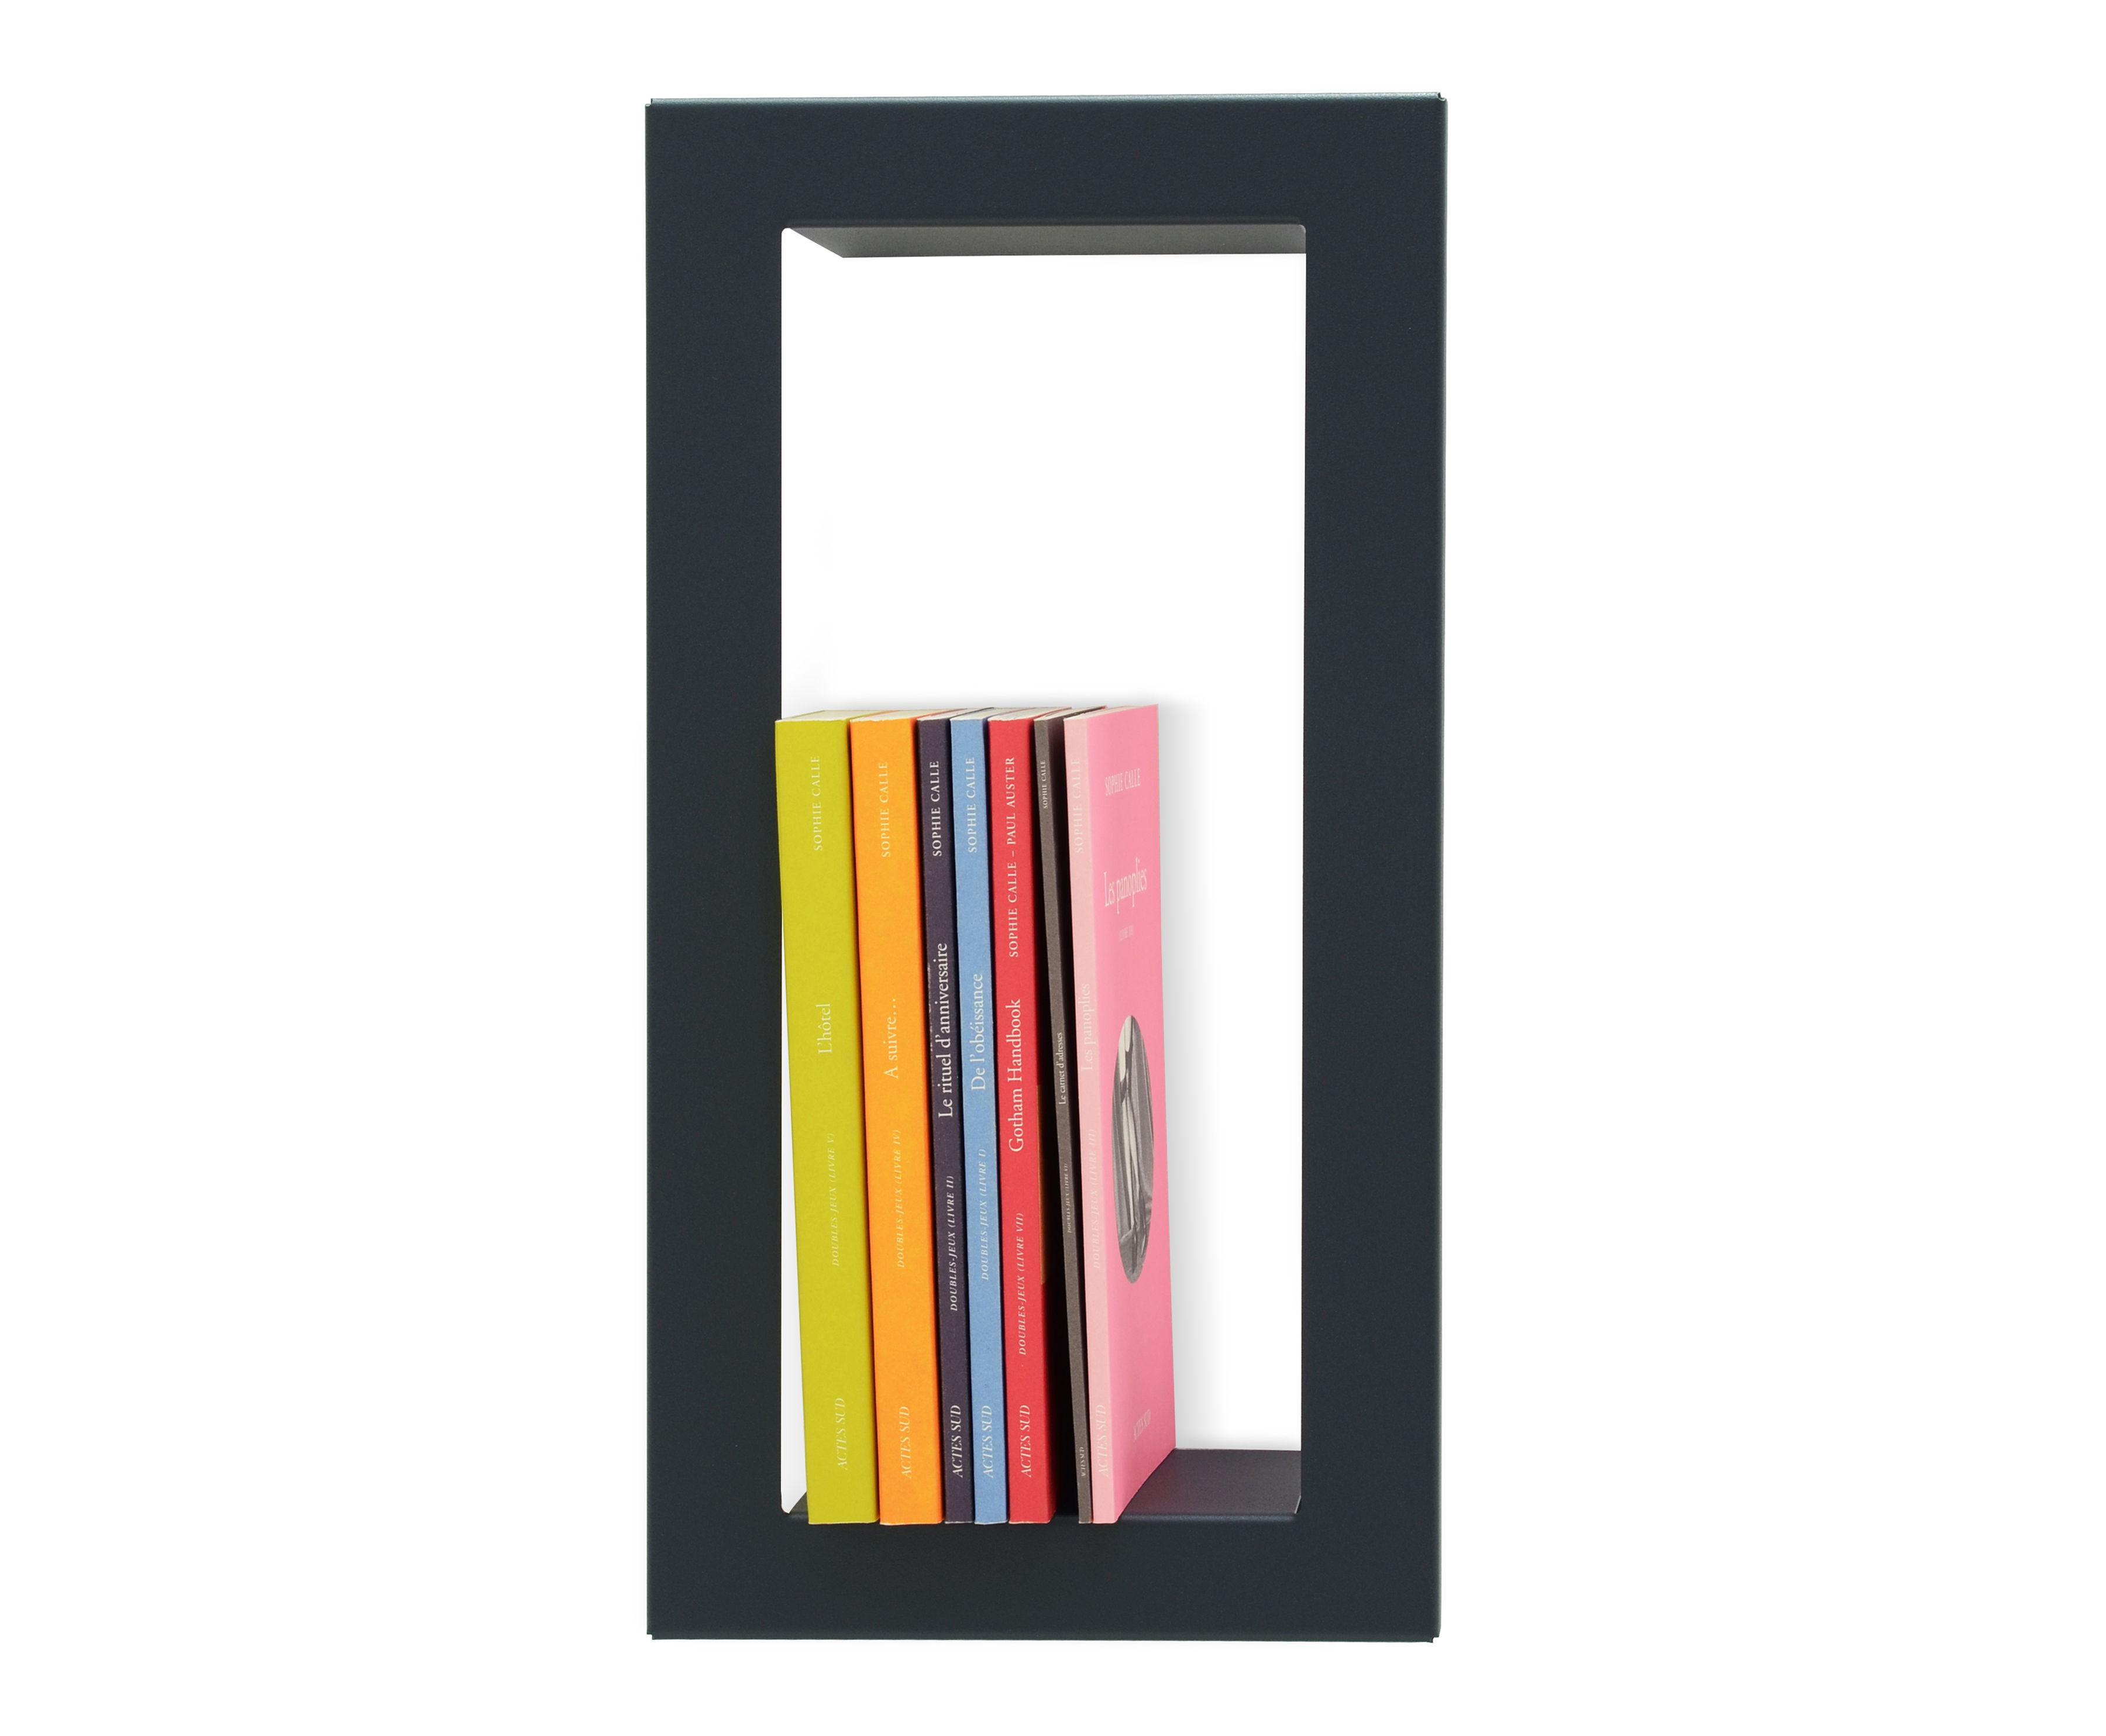 Mobilier - Etagères & bibliothèques - Etagère Highstick / Métal - L 19 x H 36 cm - Presse citron - Ardoise - Acier laqué